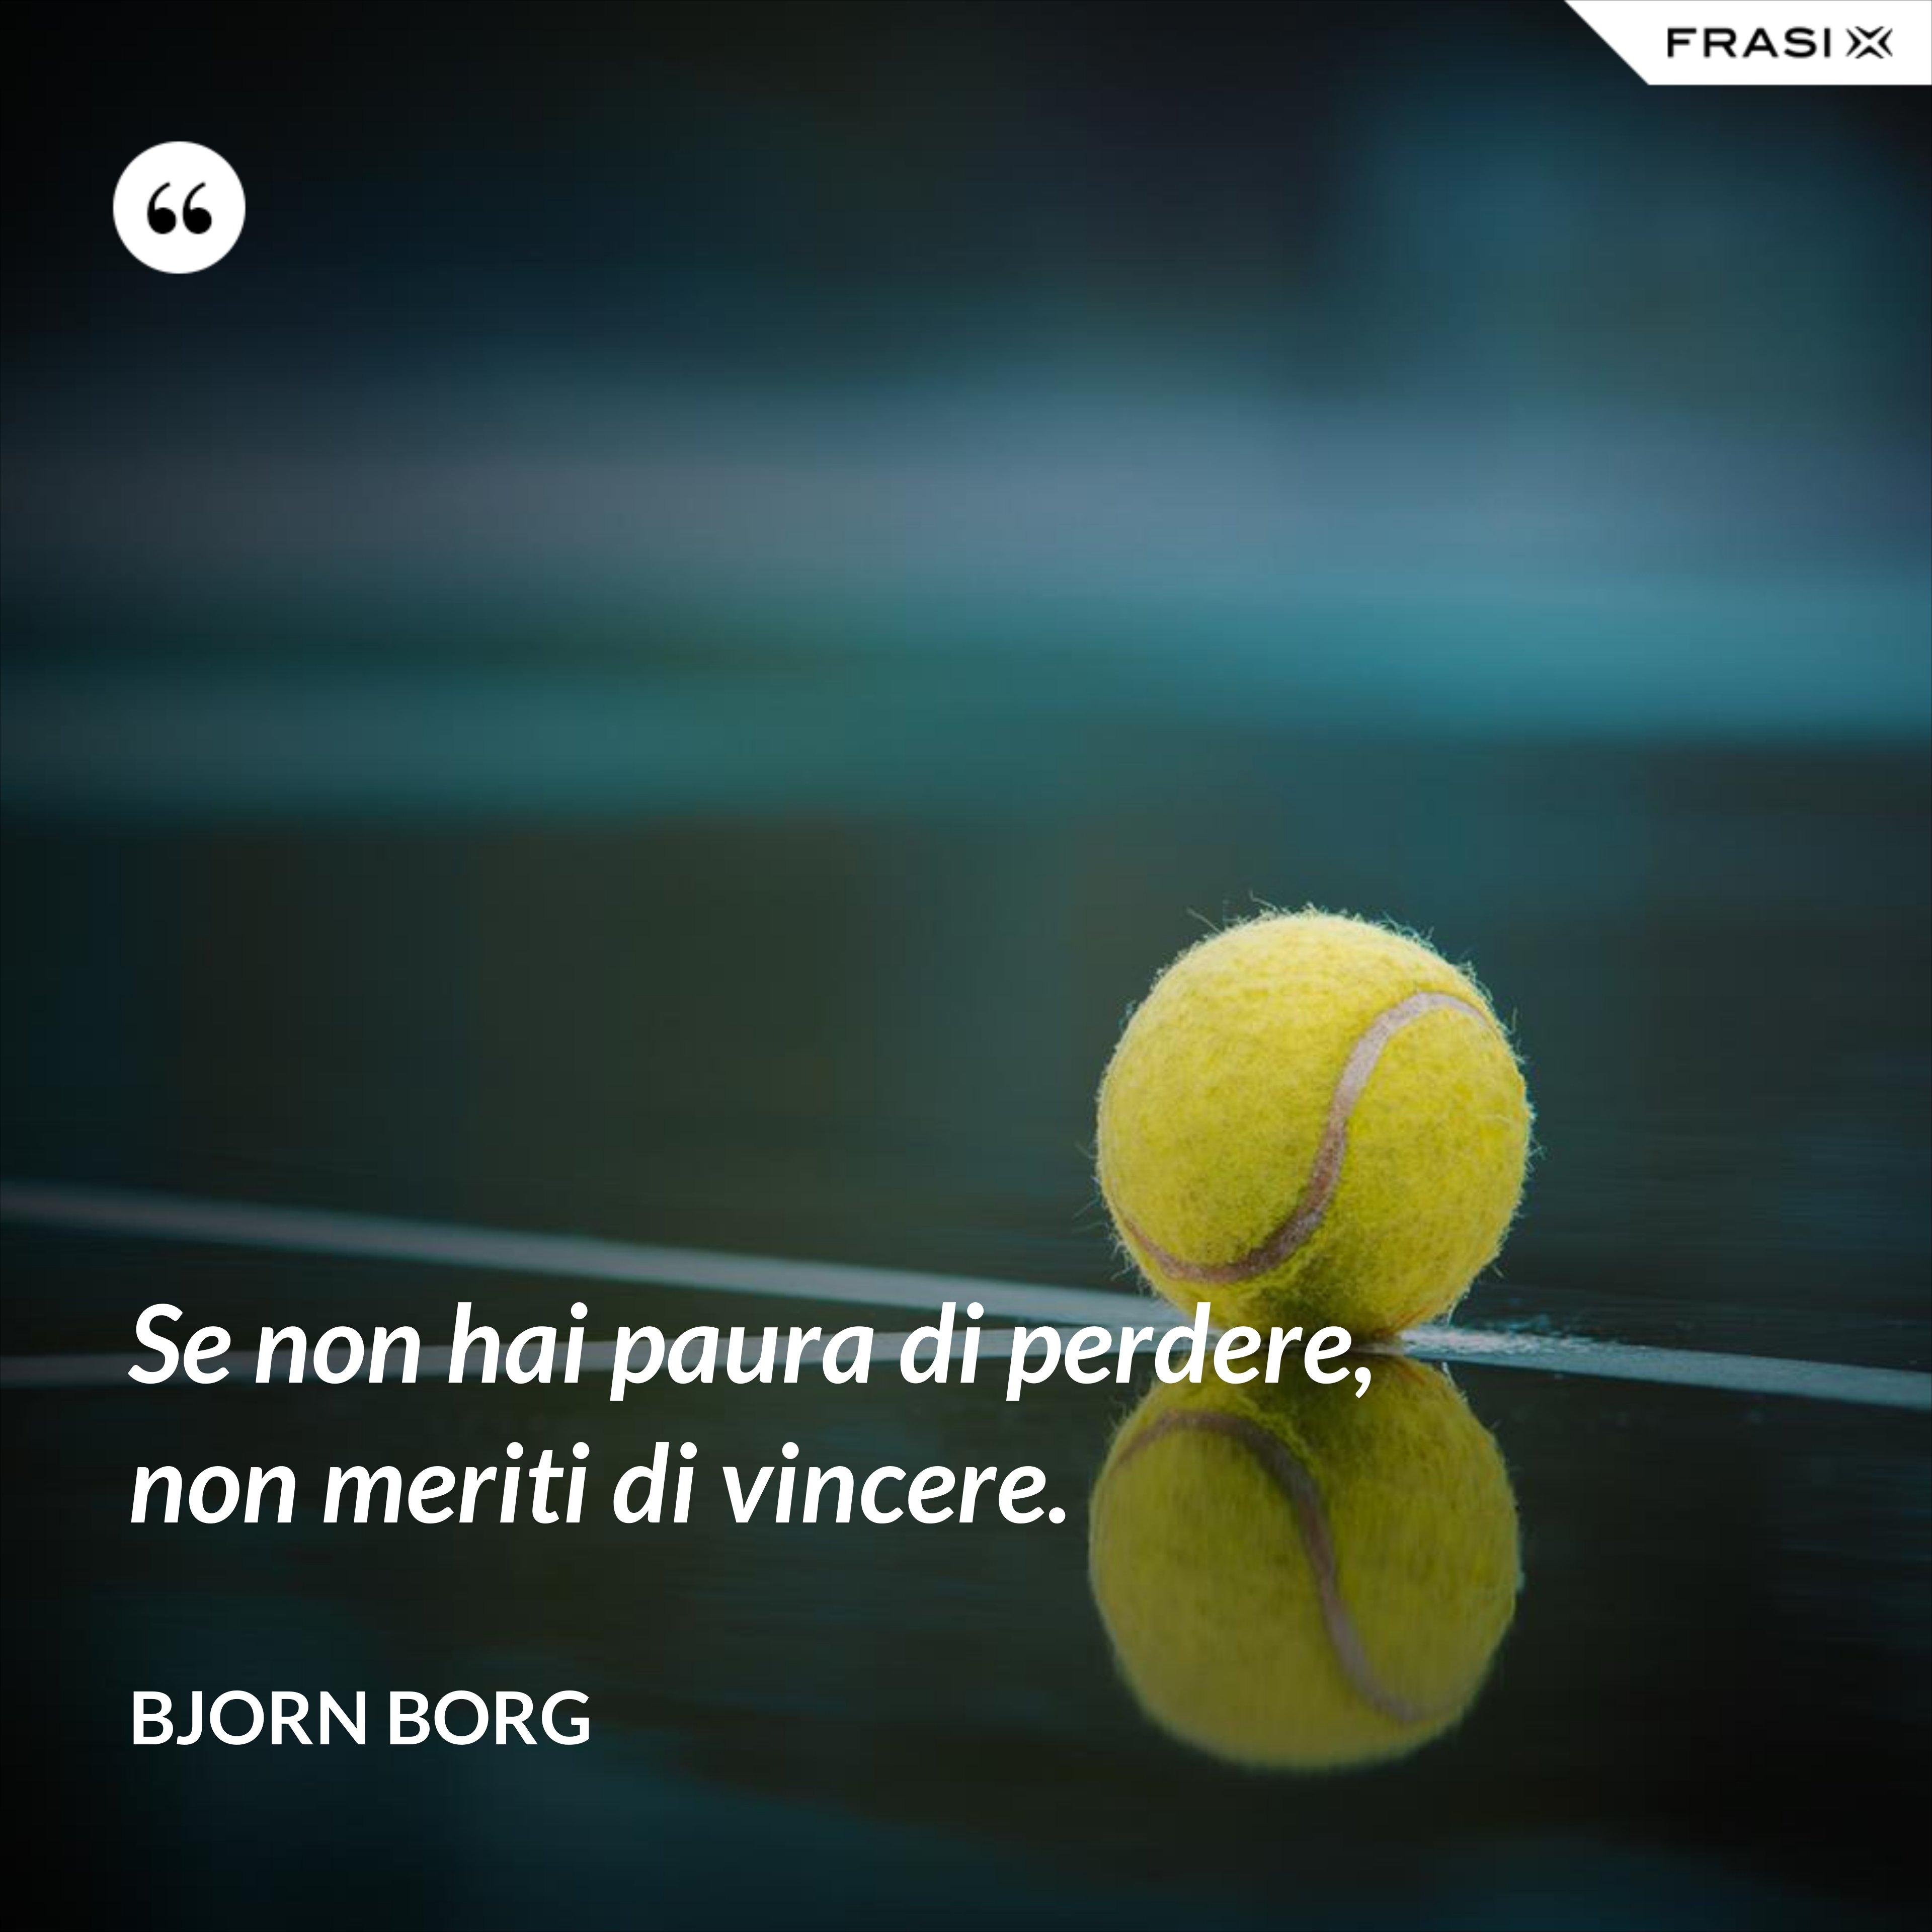 Se non hai paura di perdere, non meriti di vincere. - Bjorn Borg